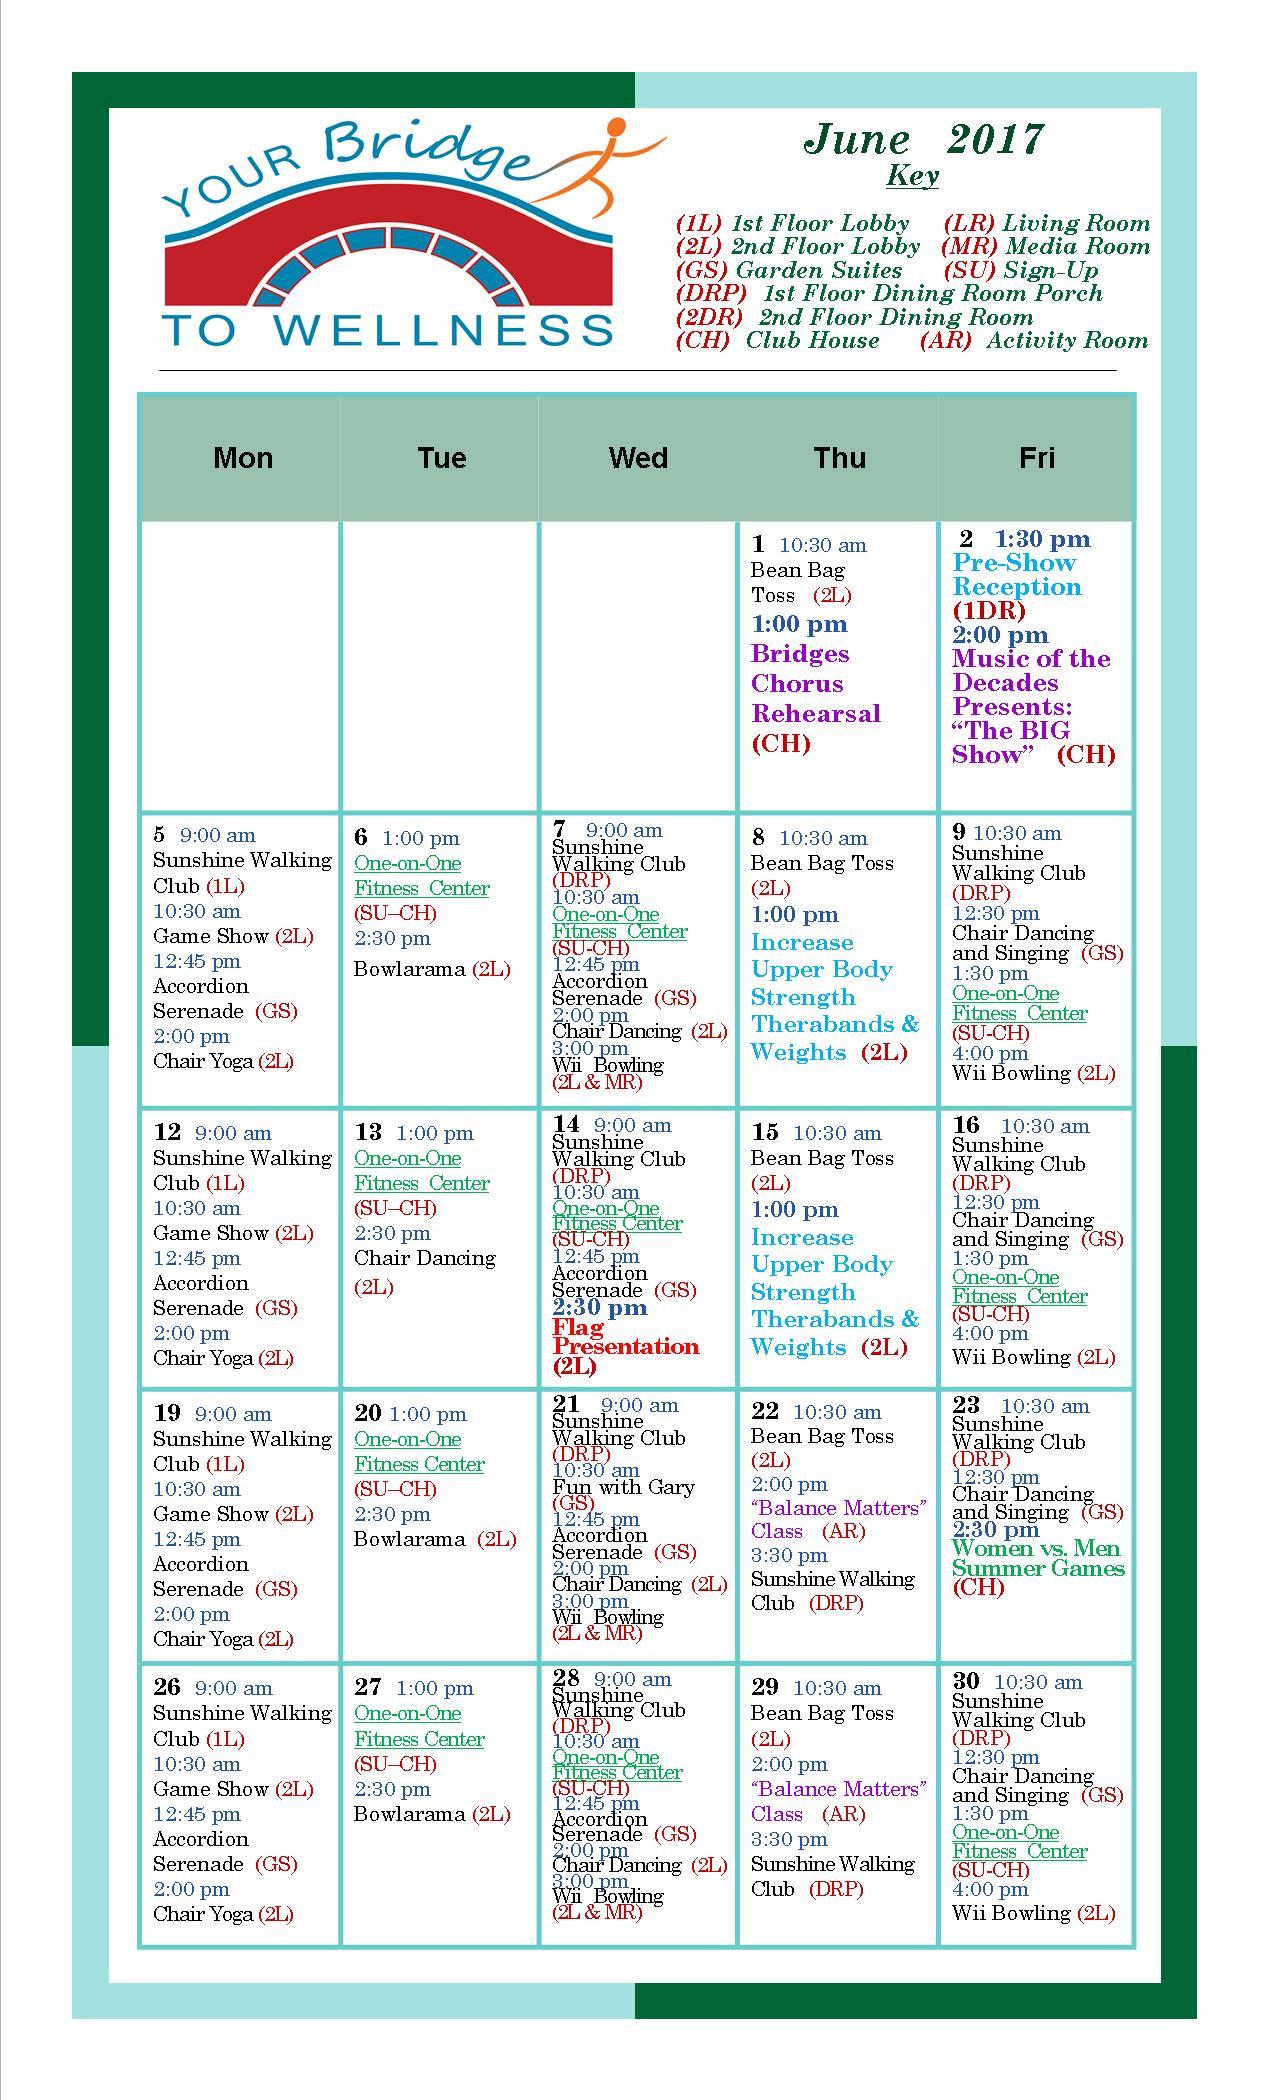 June 2017 Wellness Calendar